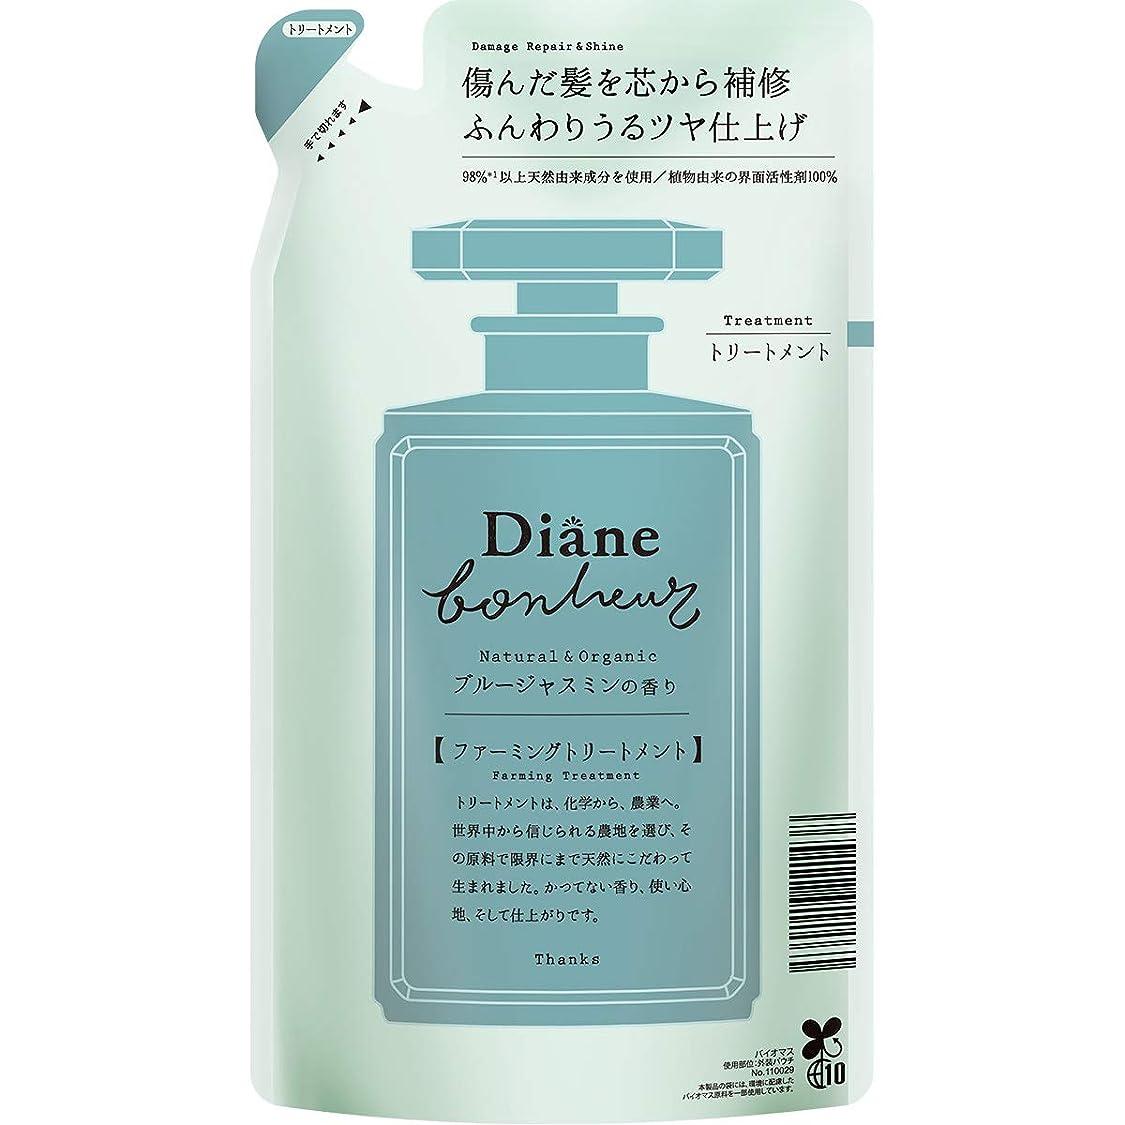 思いやり力写真ダイアン ボヌール トリートメント ブルージャスミンの香り ダメージリペア&シャイン 詰め替え 400ml